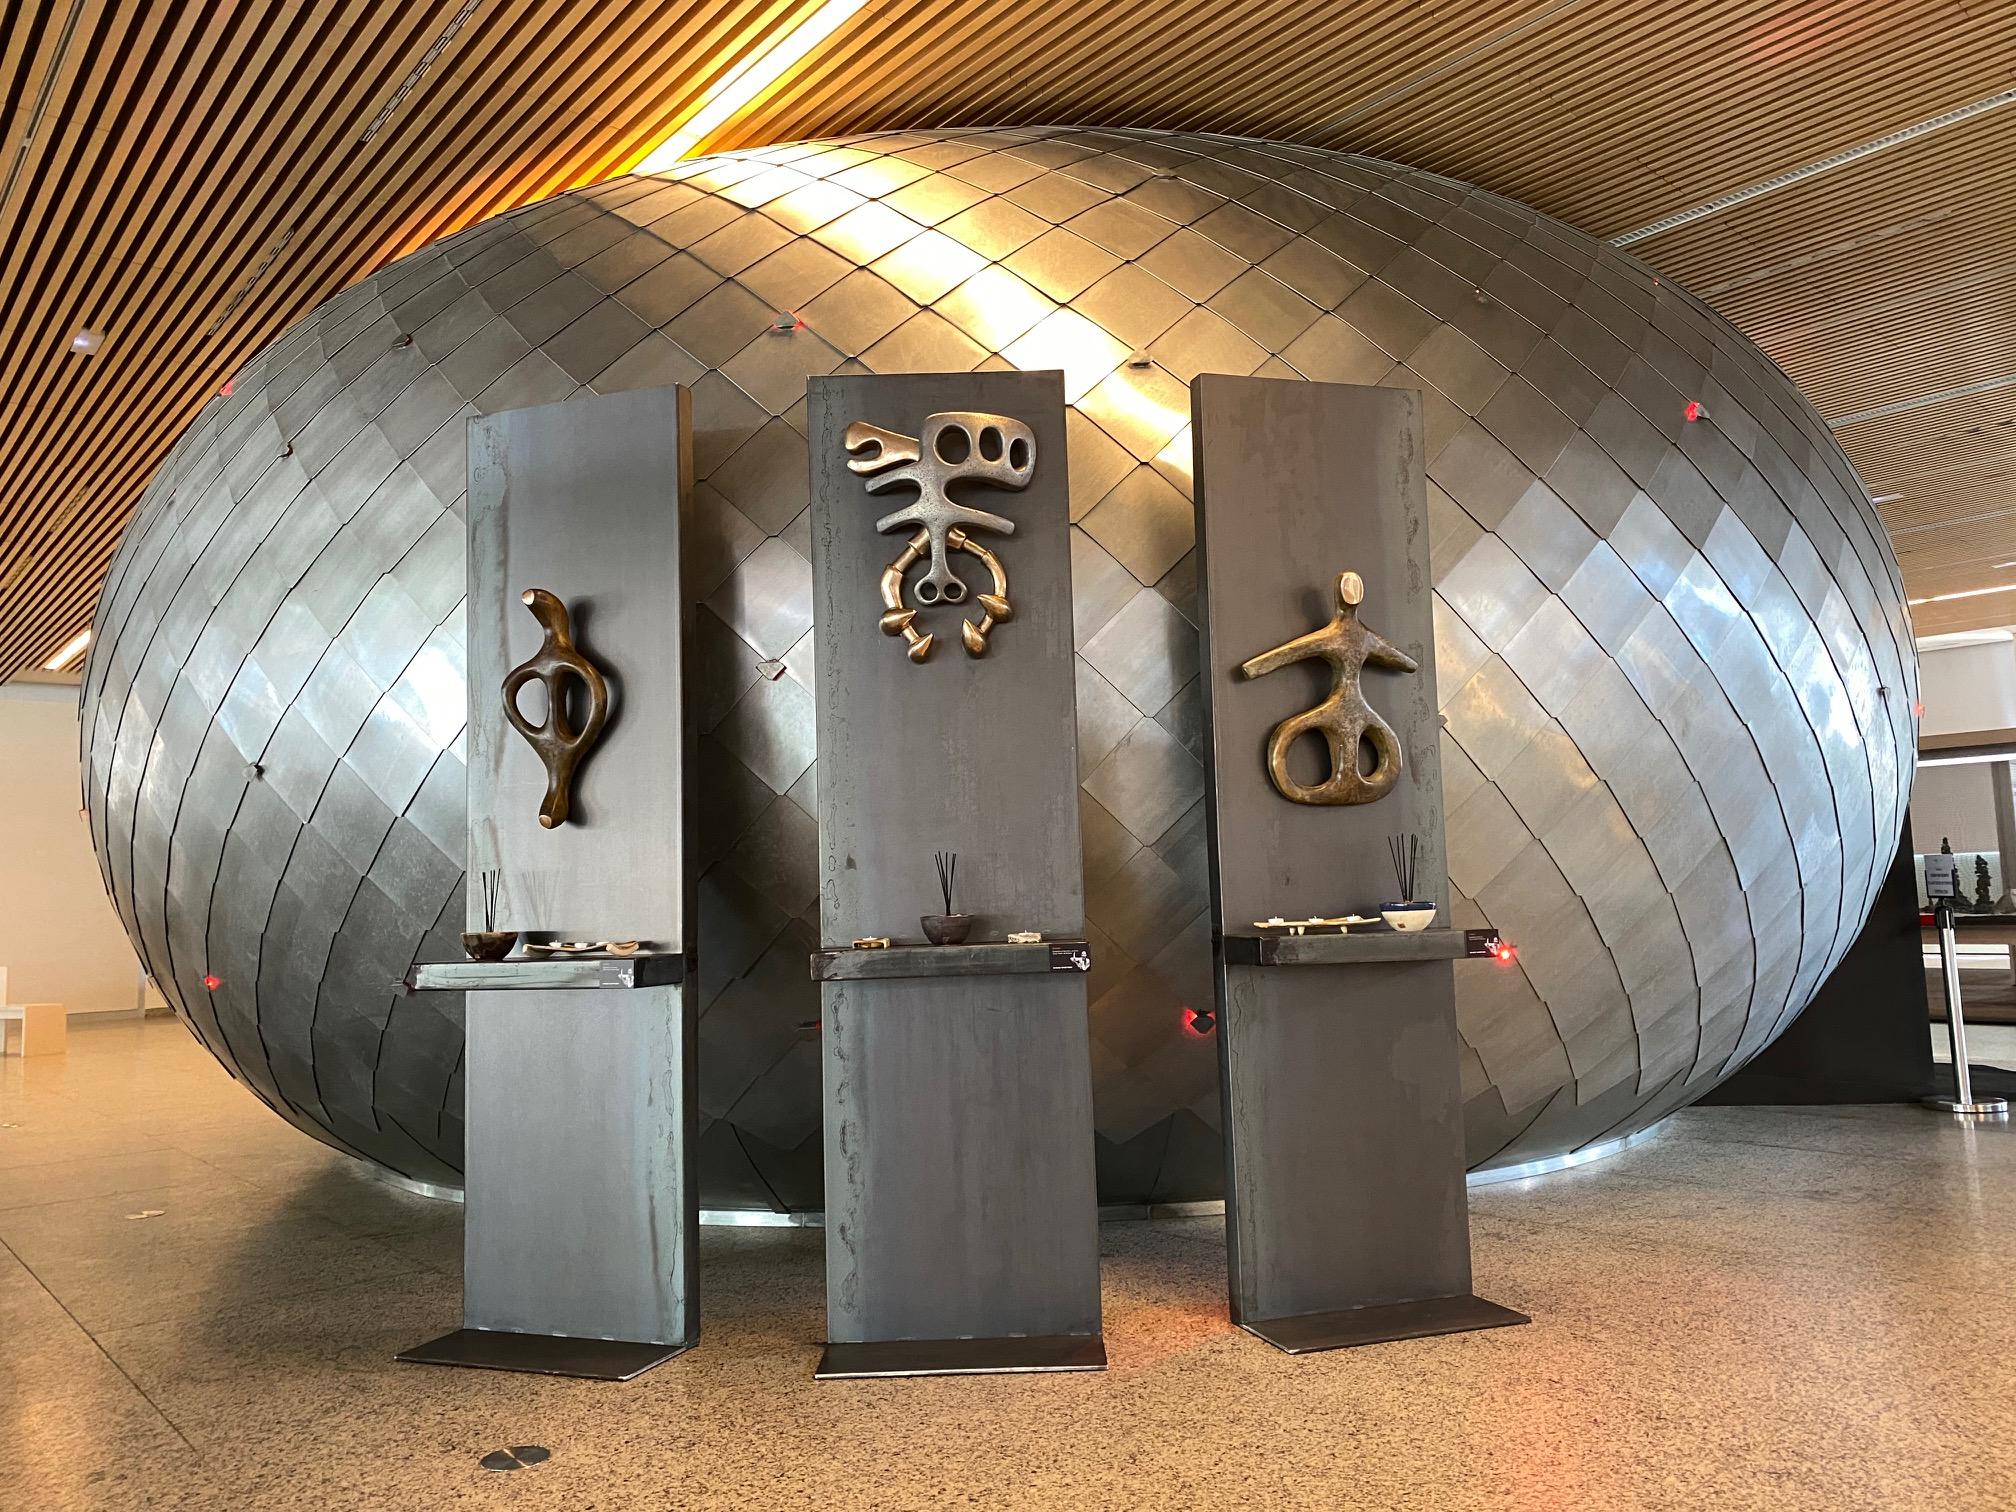 Lu par les déficiants visuels. Décrire l'image : sculpture en bronze représentant des symboles féminins, sur fond de ... réalisés par l'artiste NOM et présenté par la galerie d'art 3838 à Angers